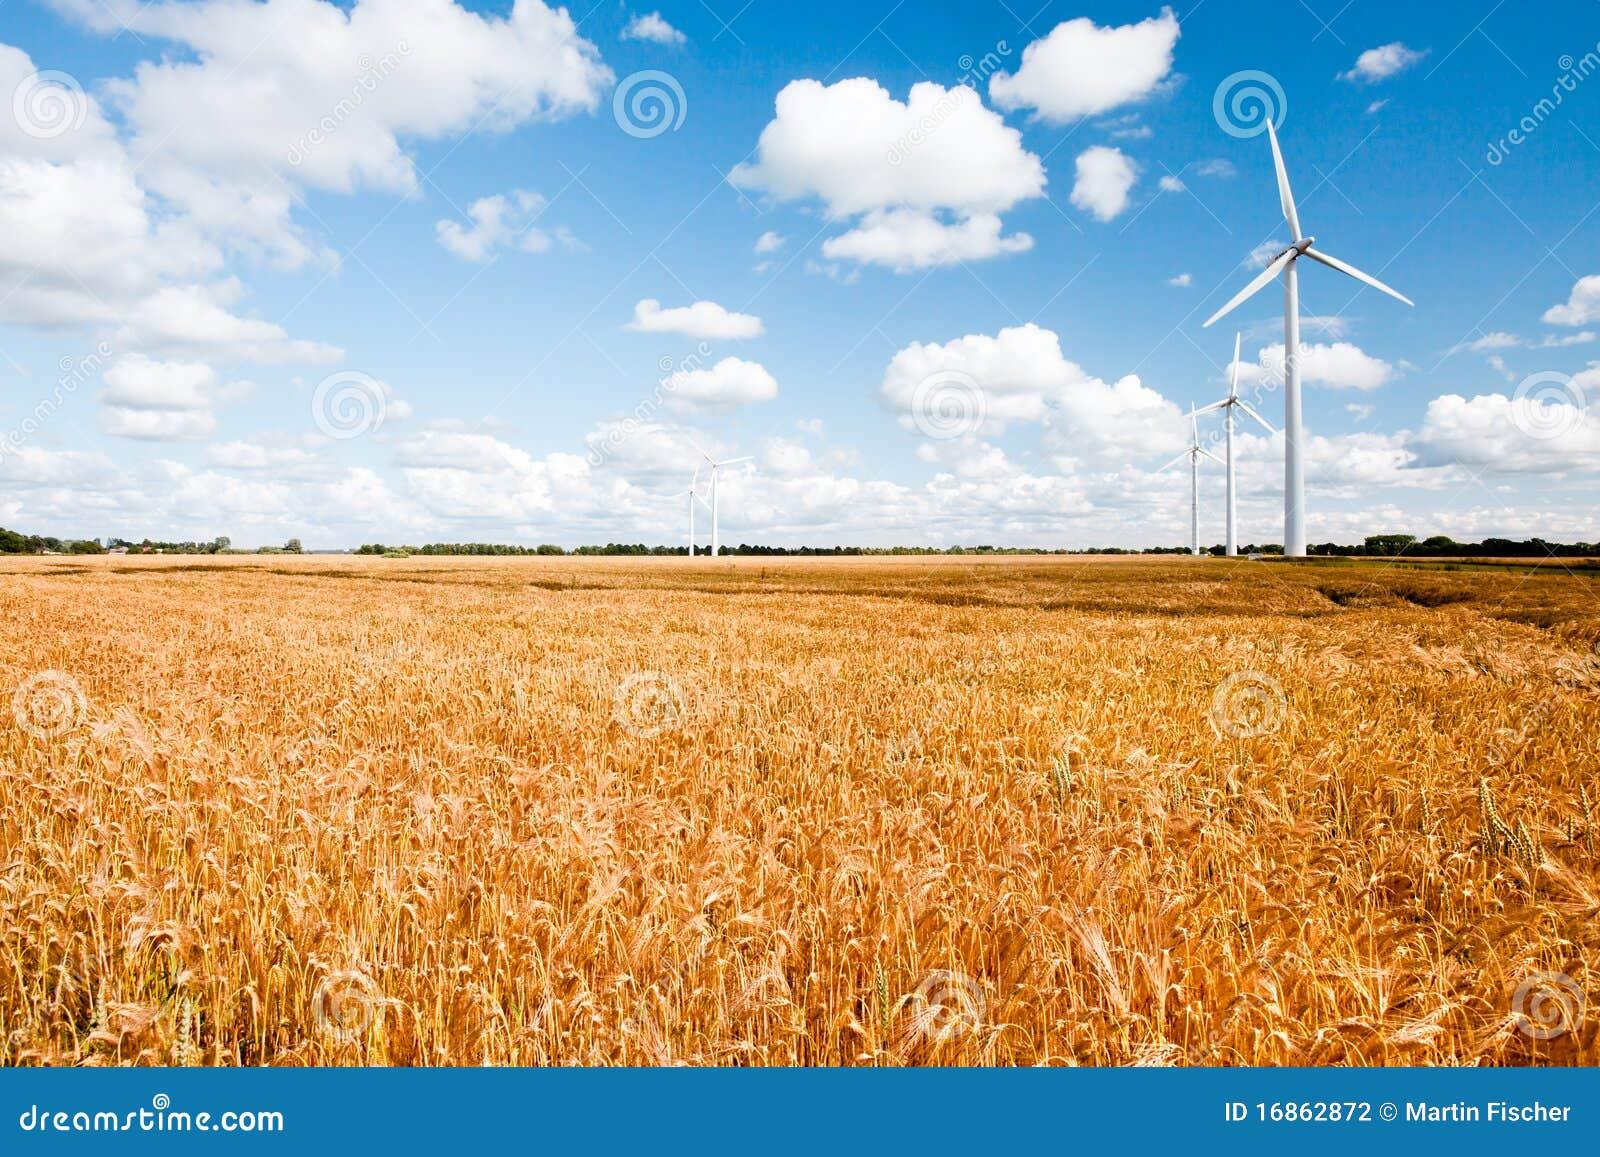 Turbinas de viento a lo largo del campo de trigo